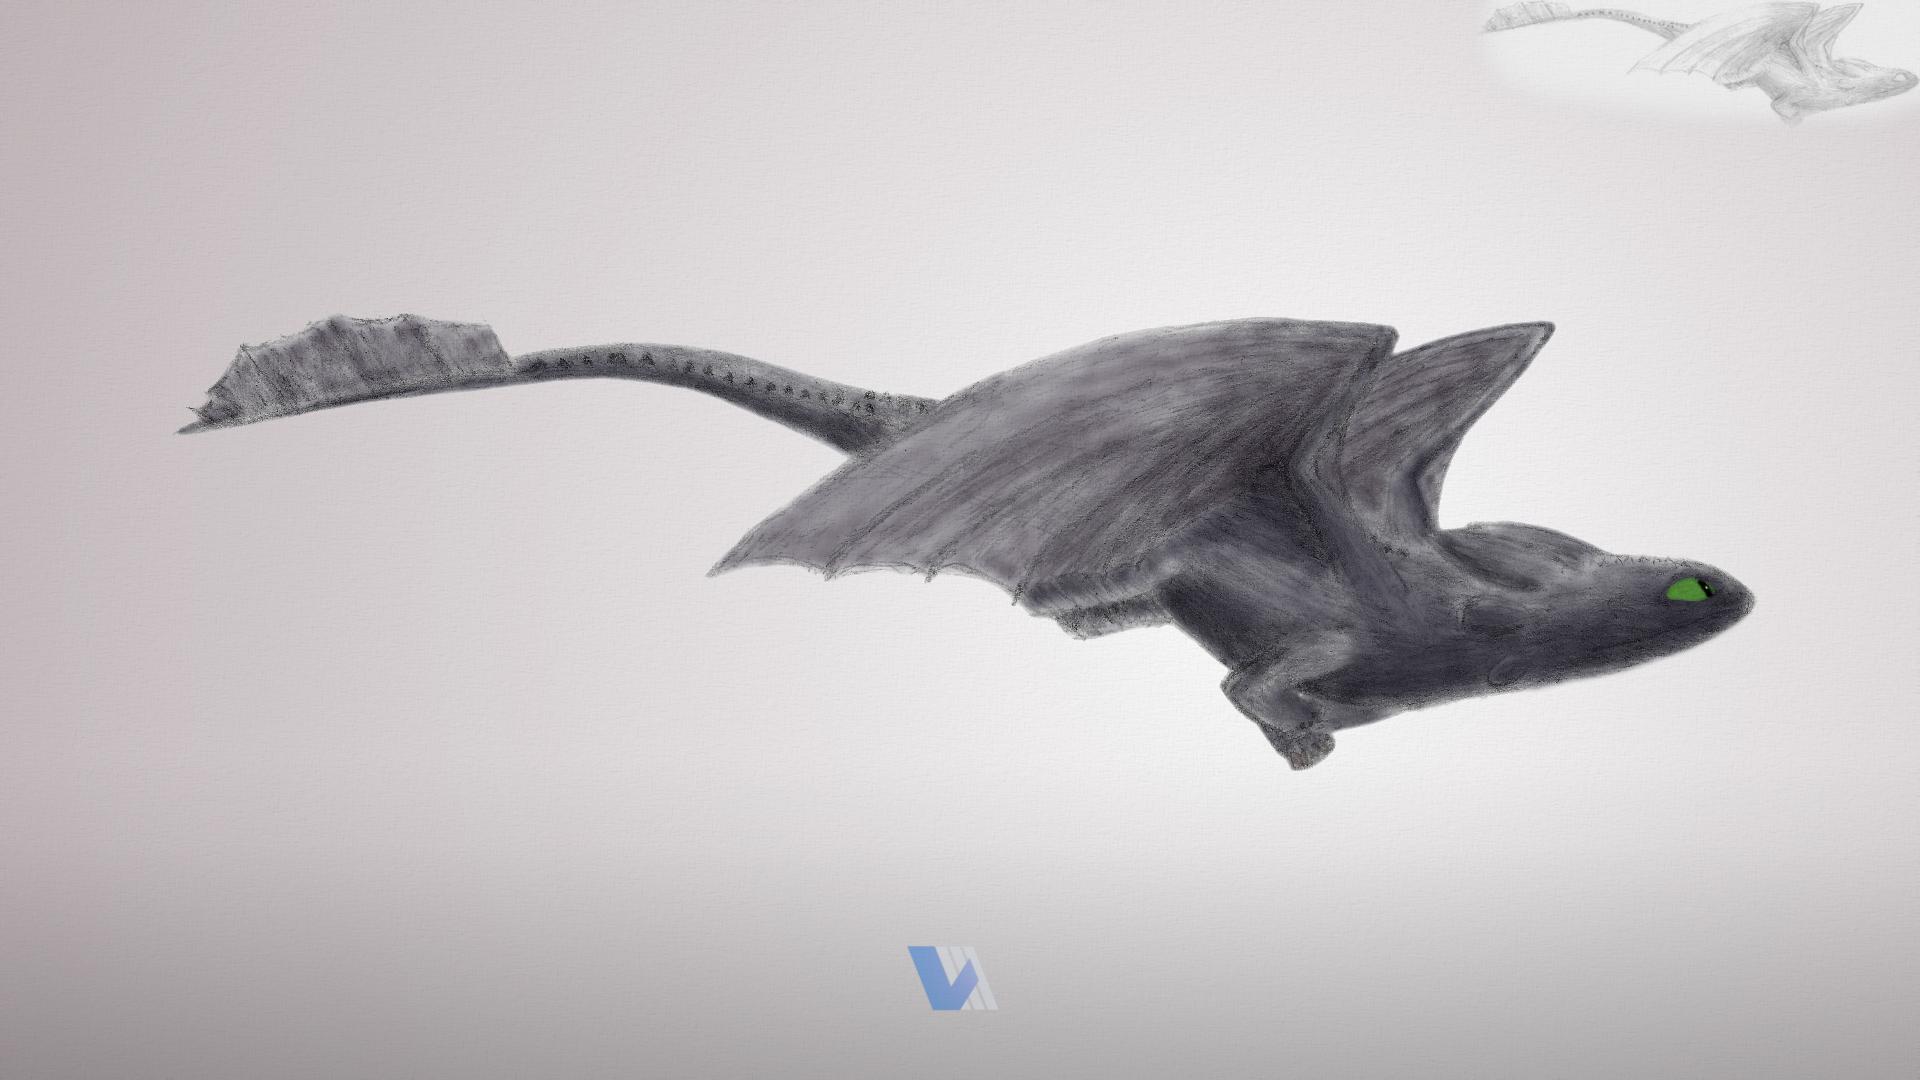 Night Fury - Flight by V3DT on DeviantArt